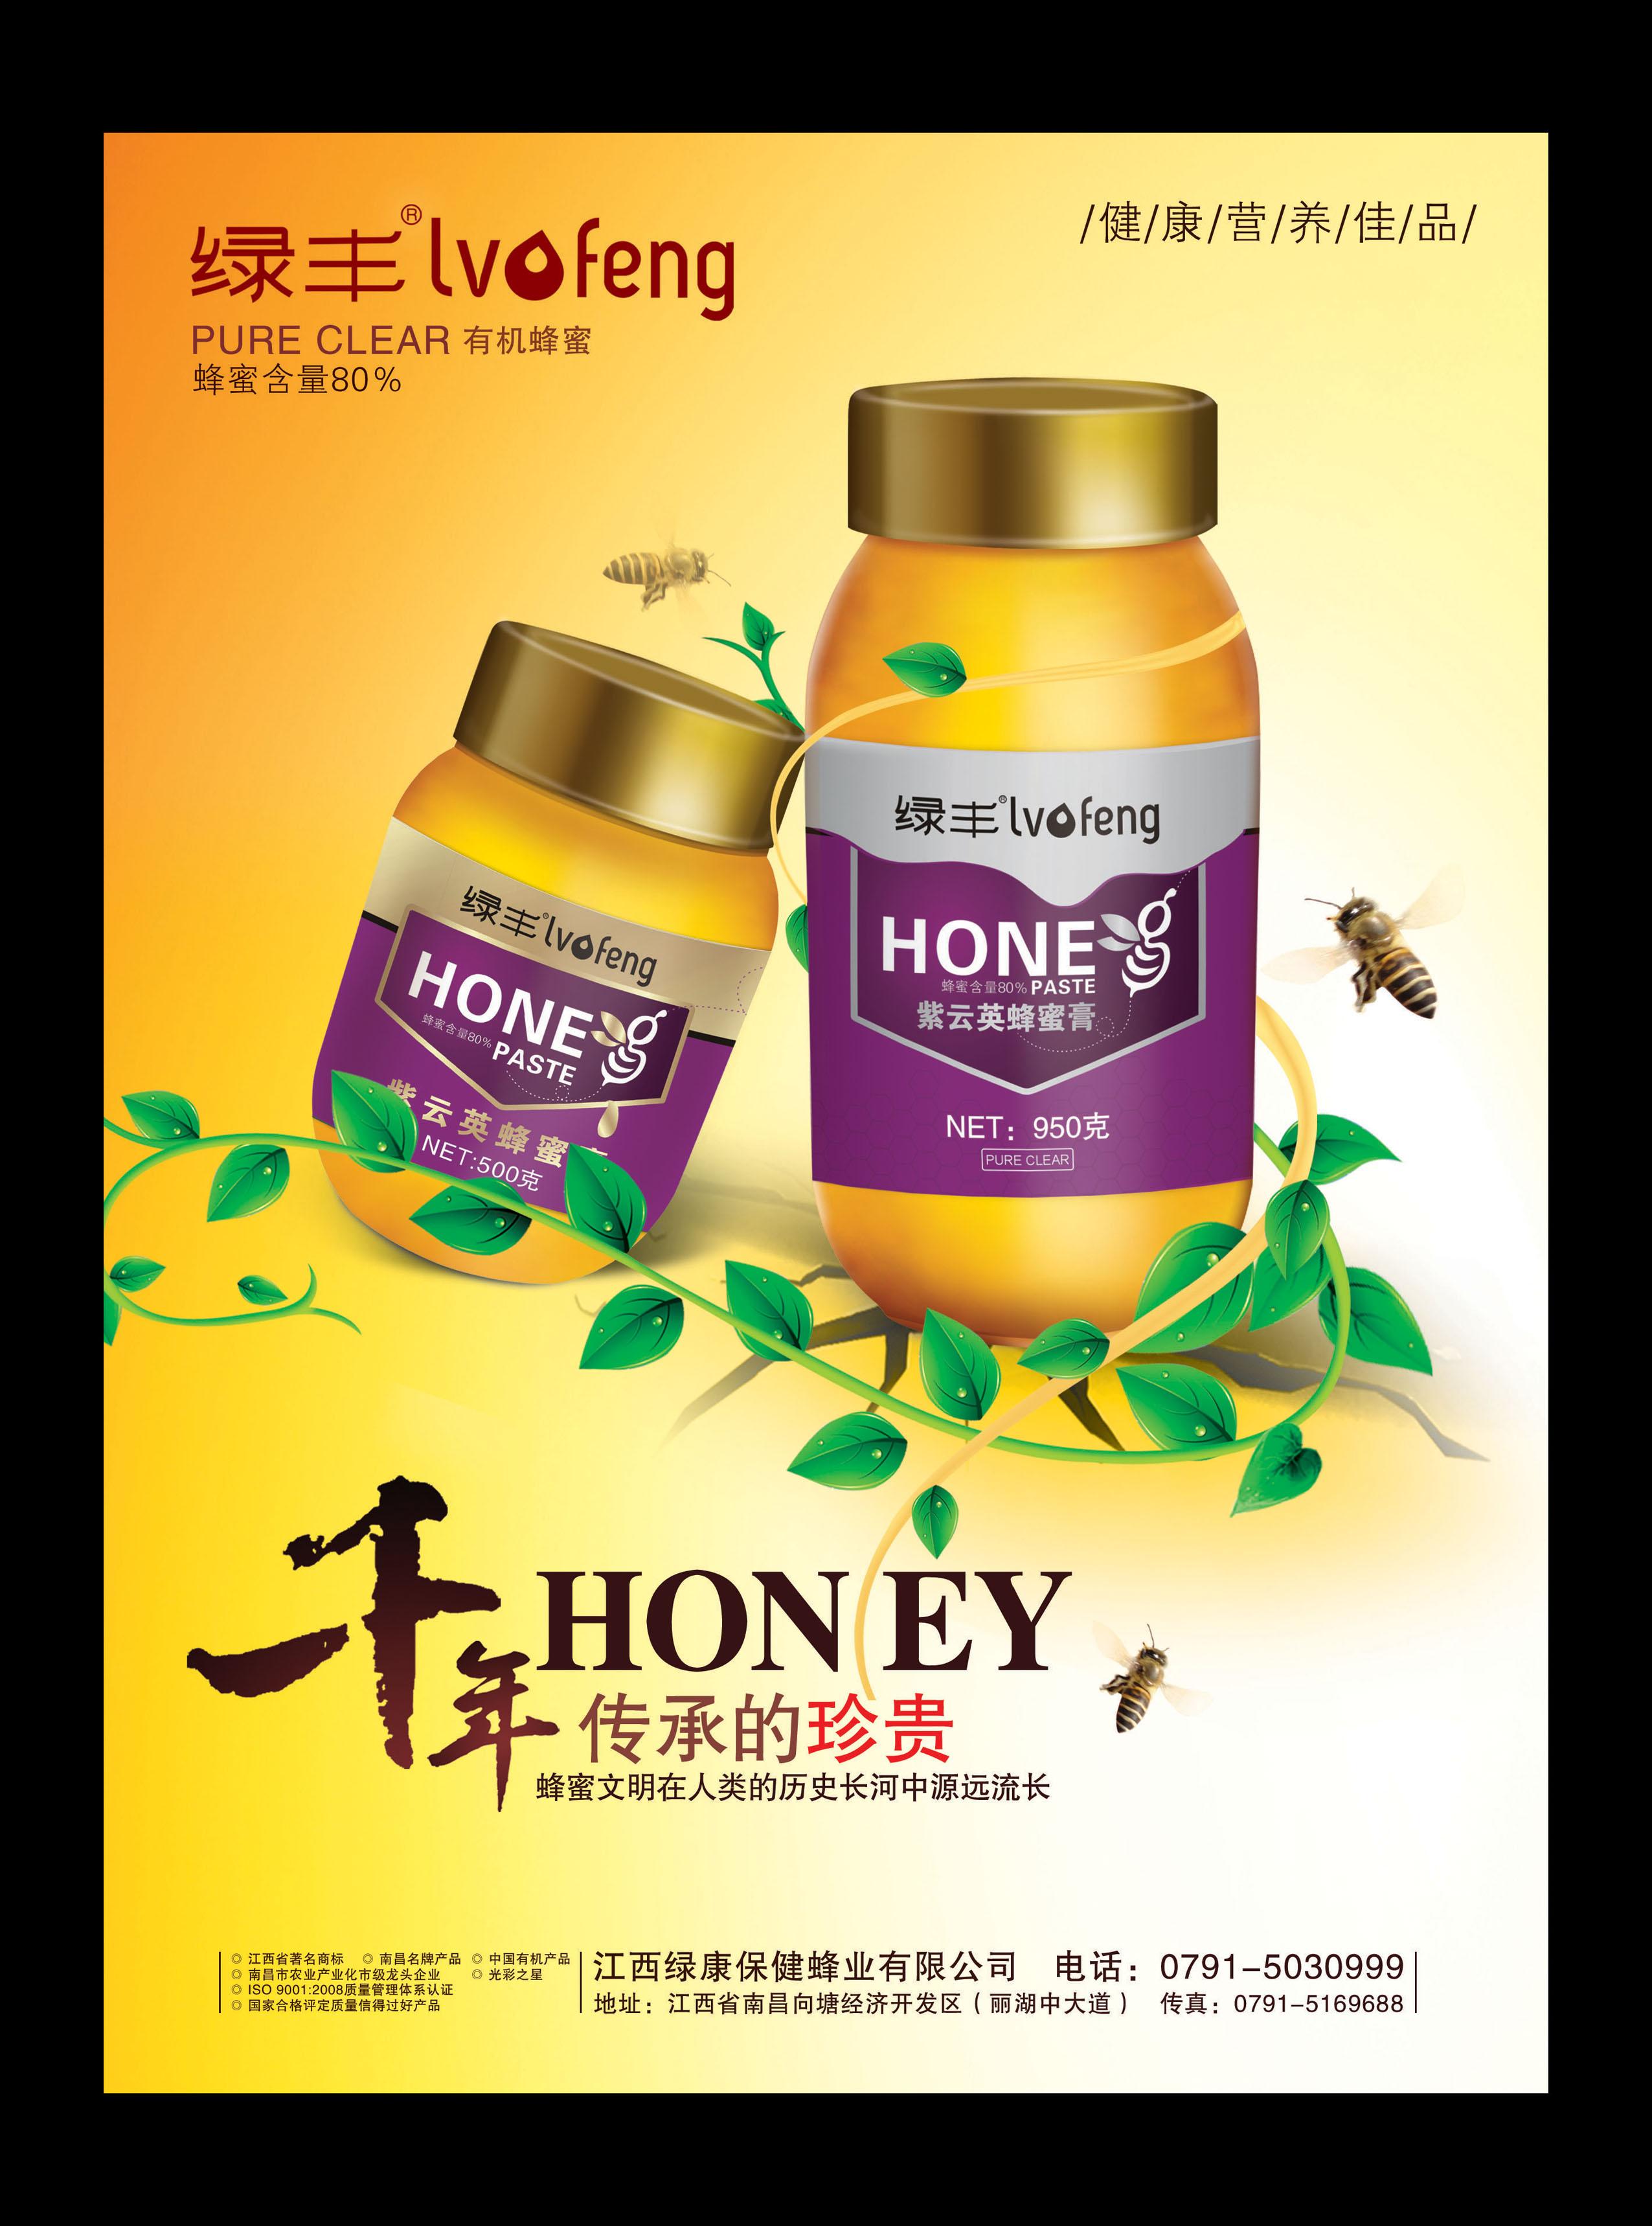 花汇宝蜂蜜